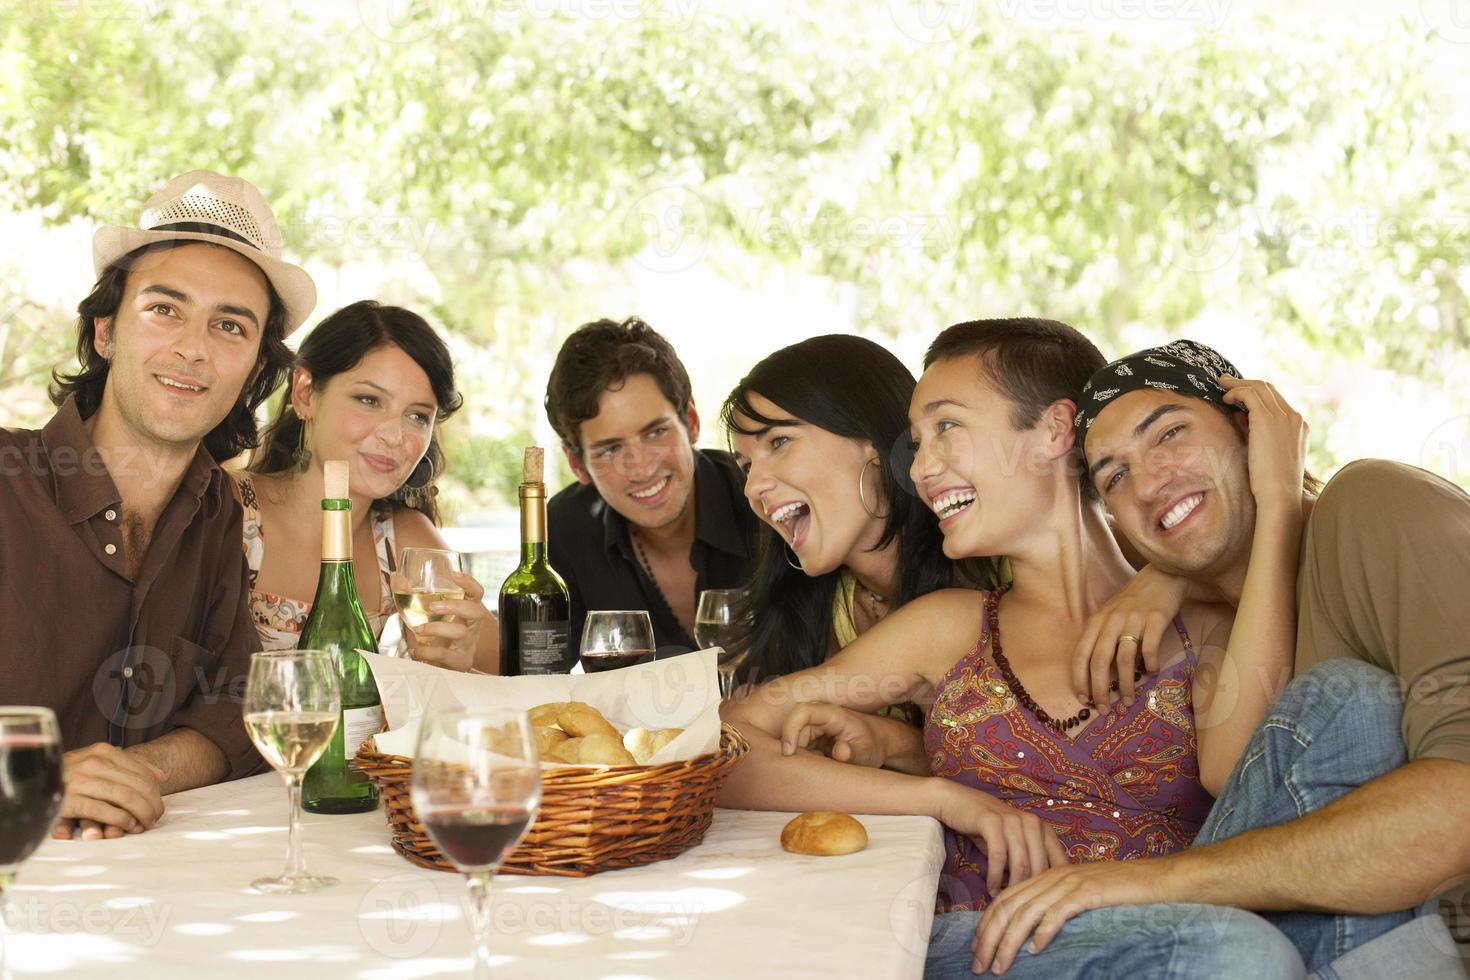 amigos com bebidas e cesta de pão na mesa curtindo festa foto